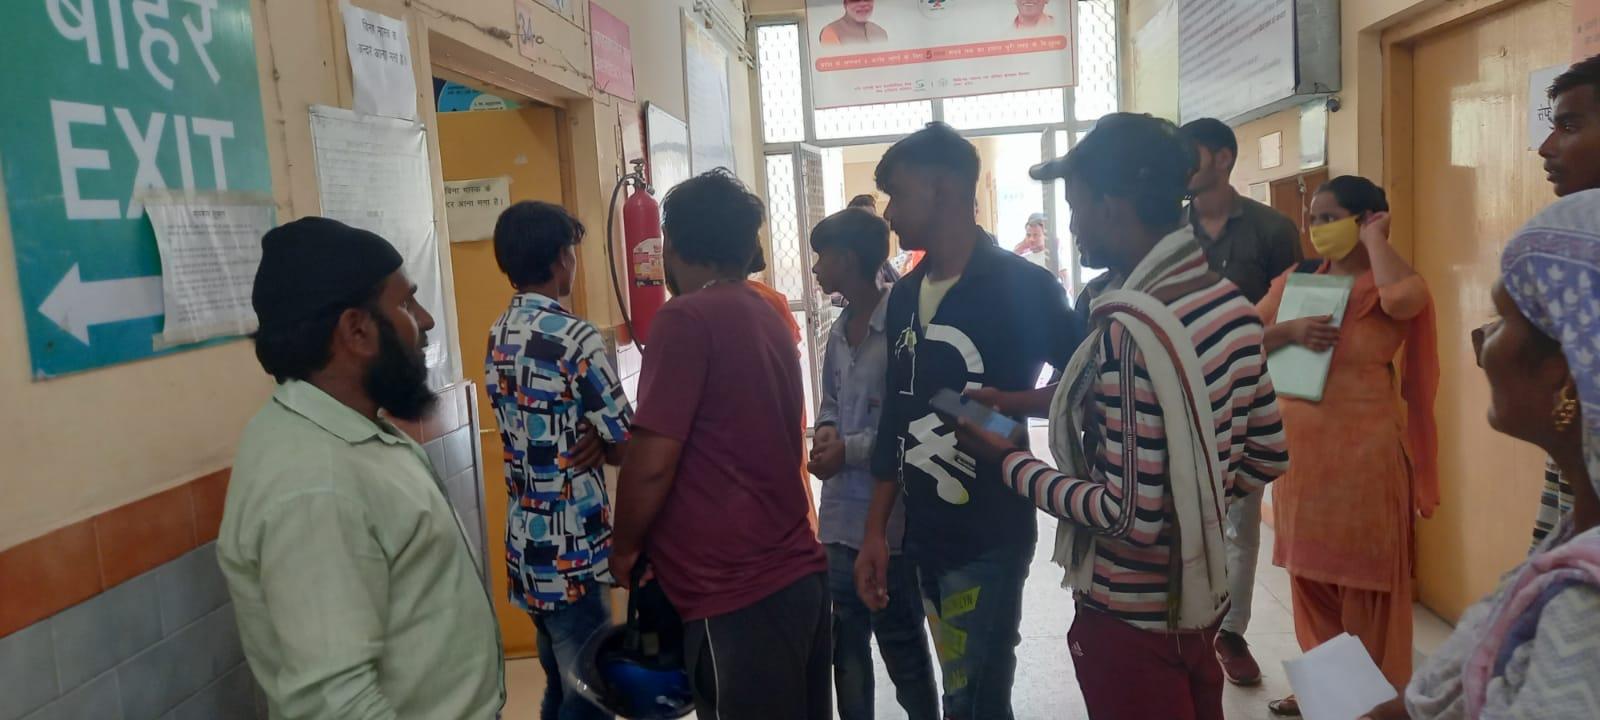 घटना के बाद अस्पताल में जमा पर परिजन - Dainik Bhaskar